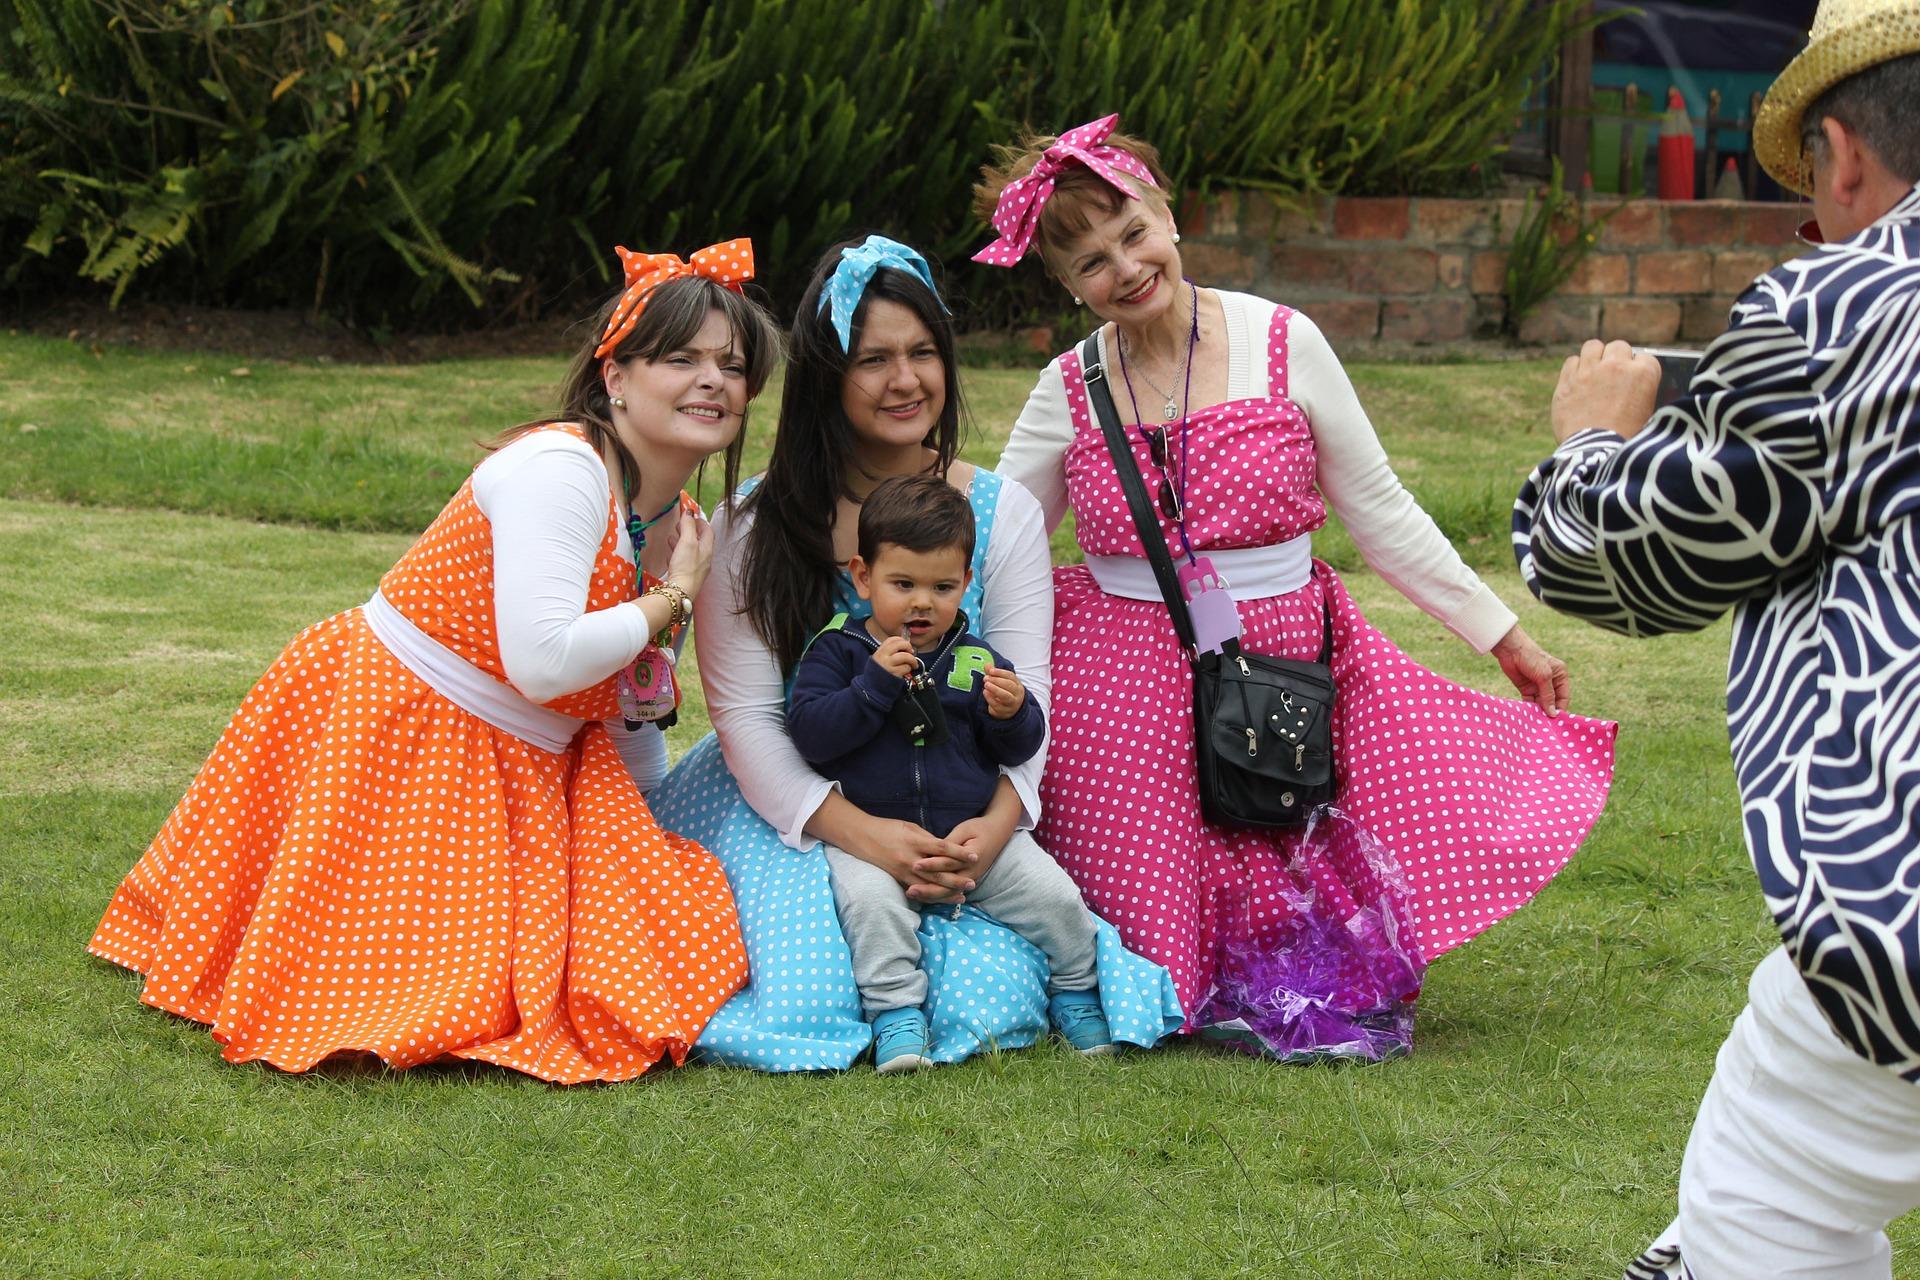 في الصورة رجل يلتقط صورة لعائلة ترتدي ملابس حفلة